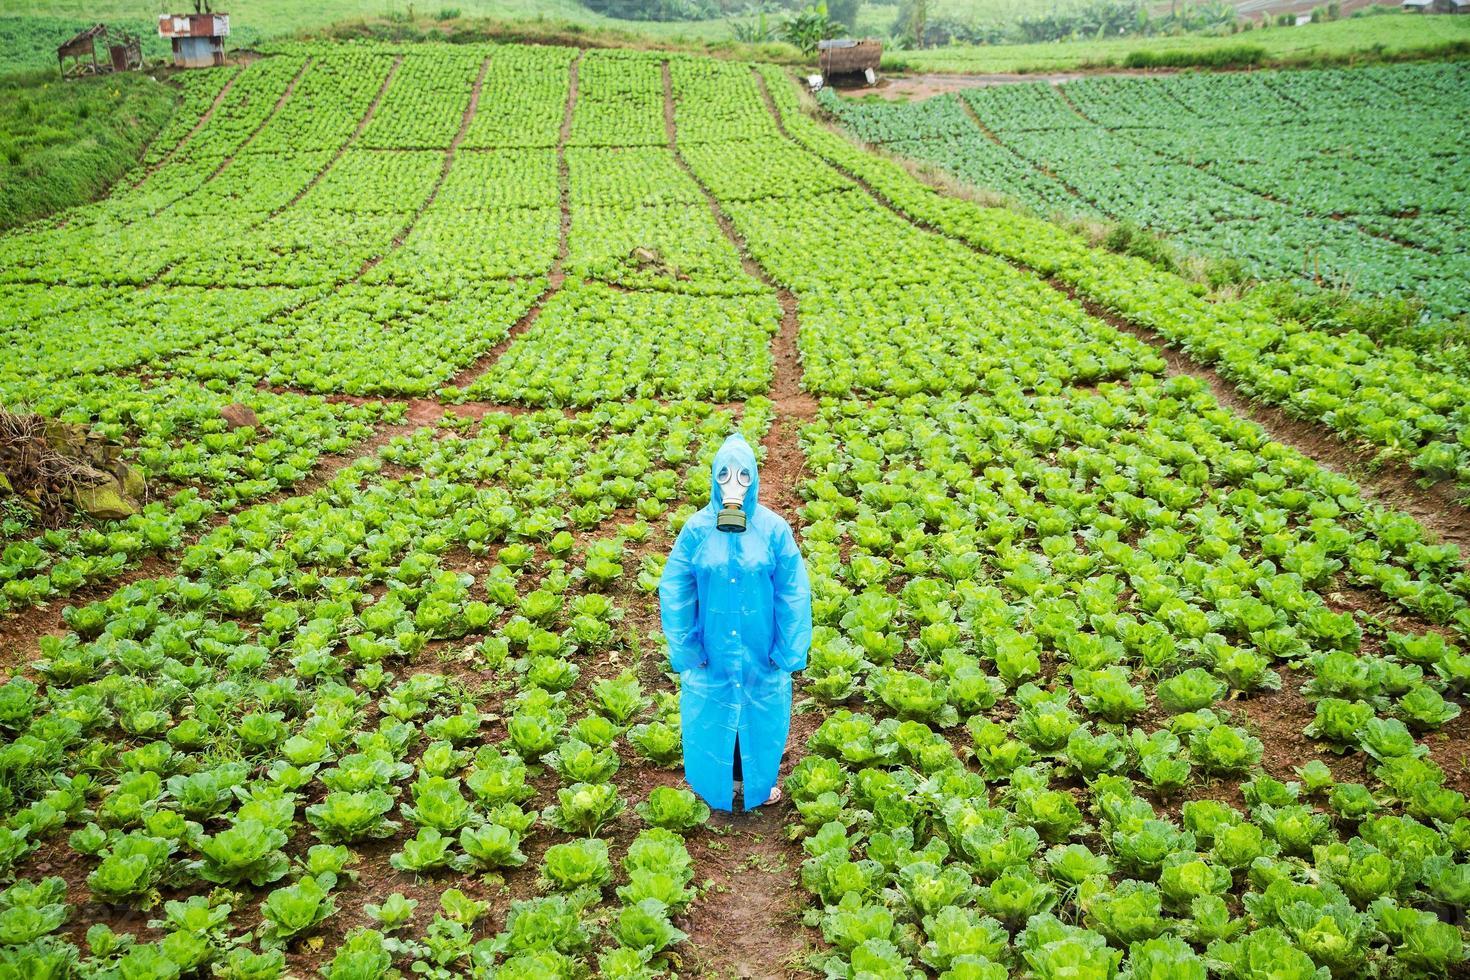 fattoria di lattuga in una giornata piovosa. foto